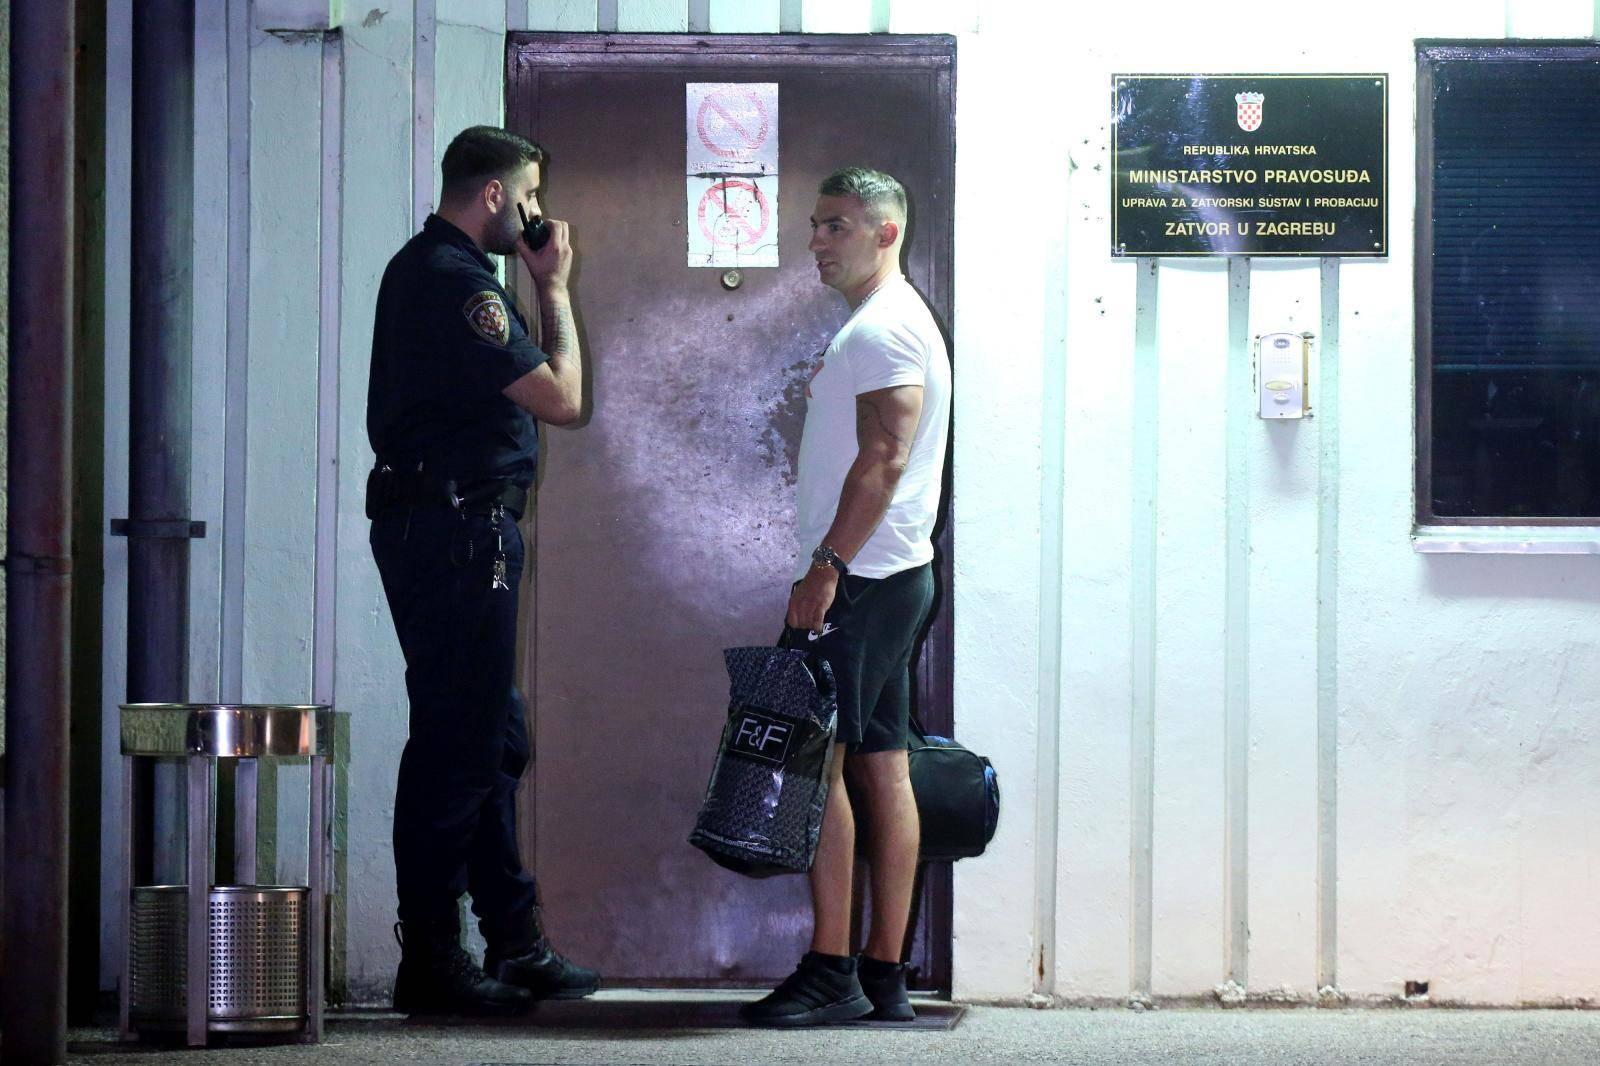 Prva noć u zatvoru Remetinec: Daruvarac u ćeliji ima i cimera